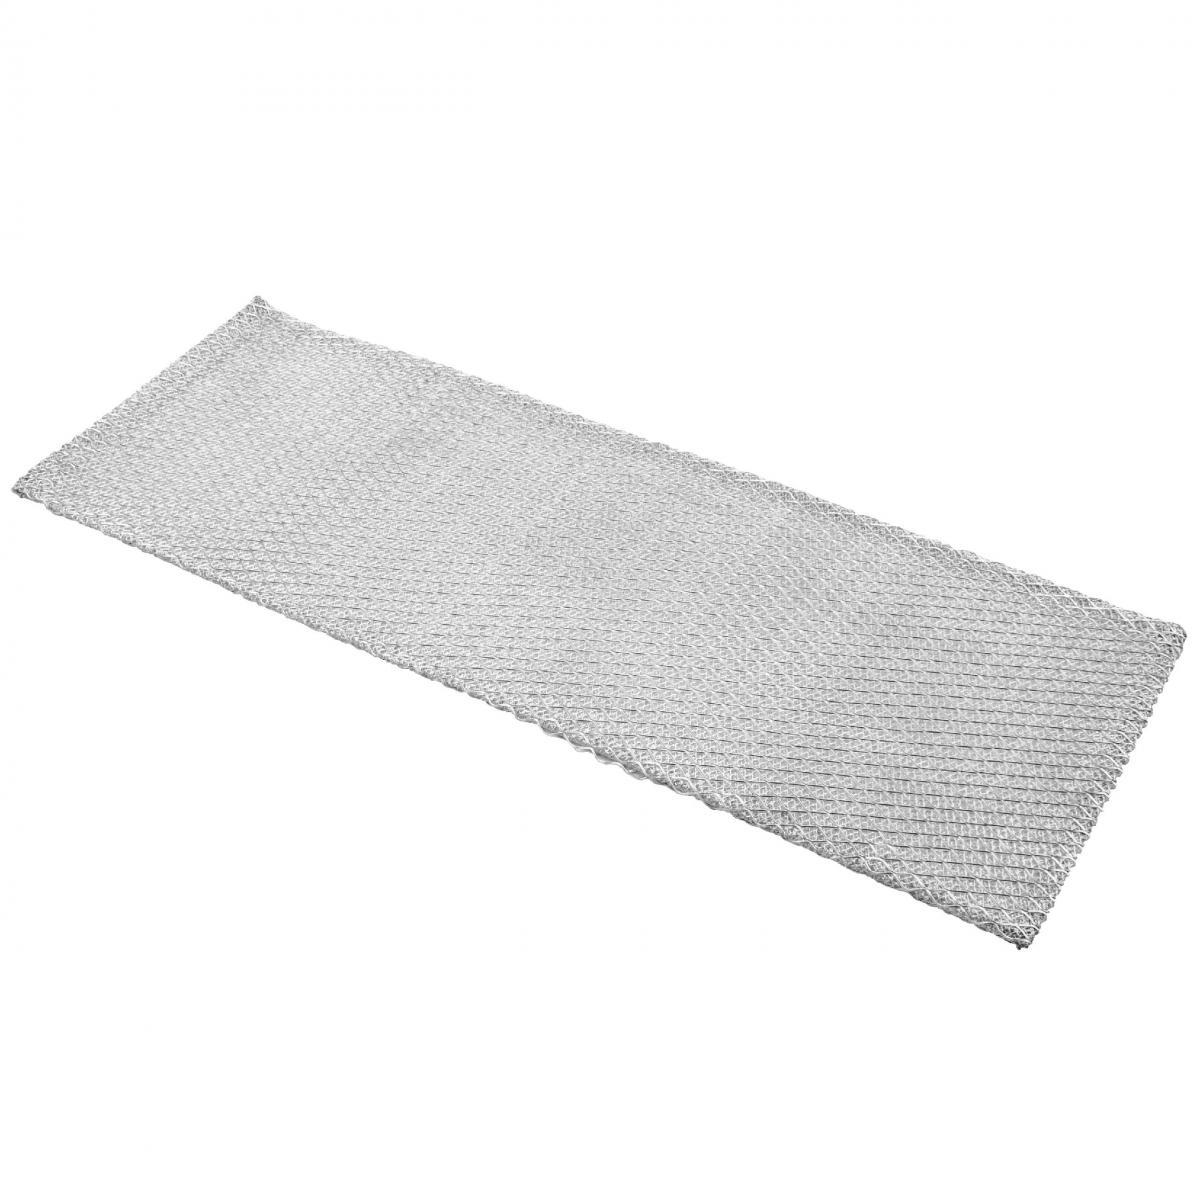 Vhbw vhbw Filtrepermanent filtre à graisse métallique 45,2 x 16 x 0,35 cm convient pour Bauknecht DNI 3260 857415001060 hotte